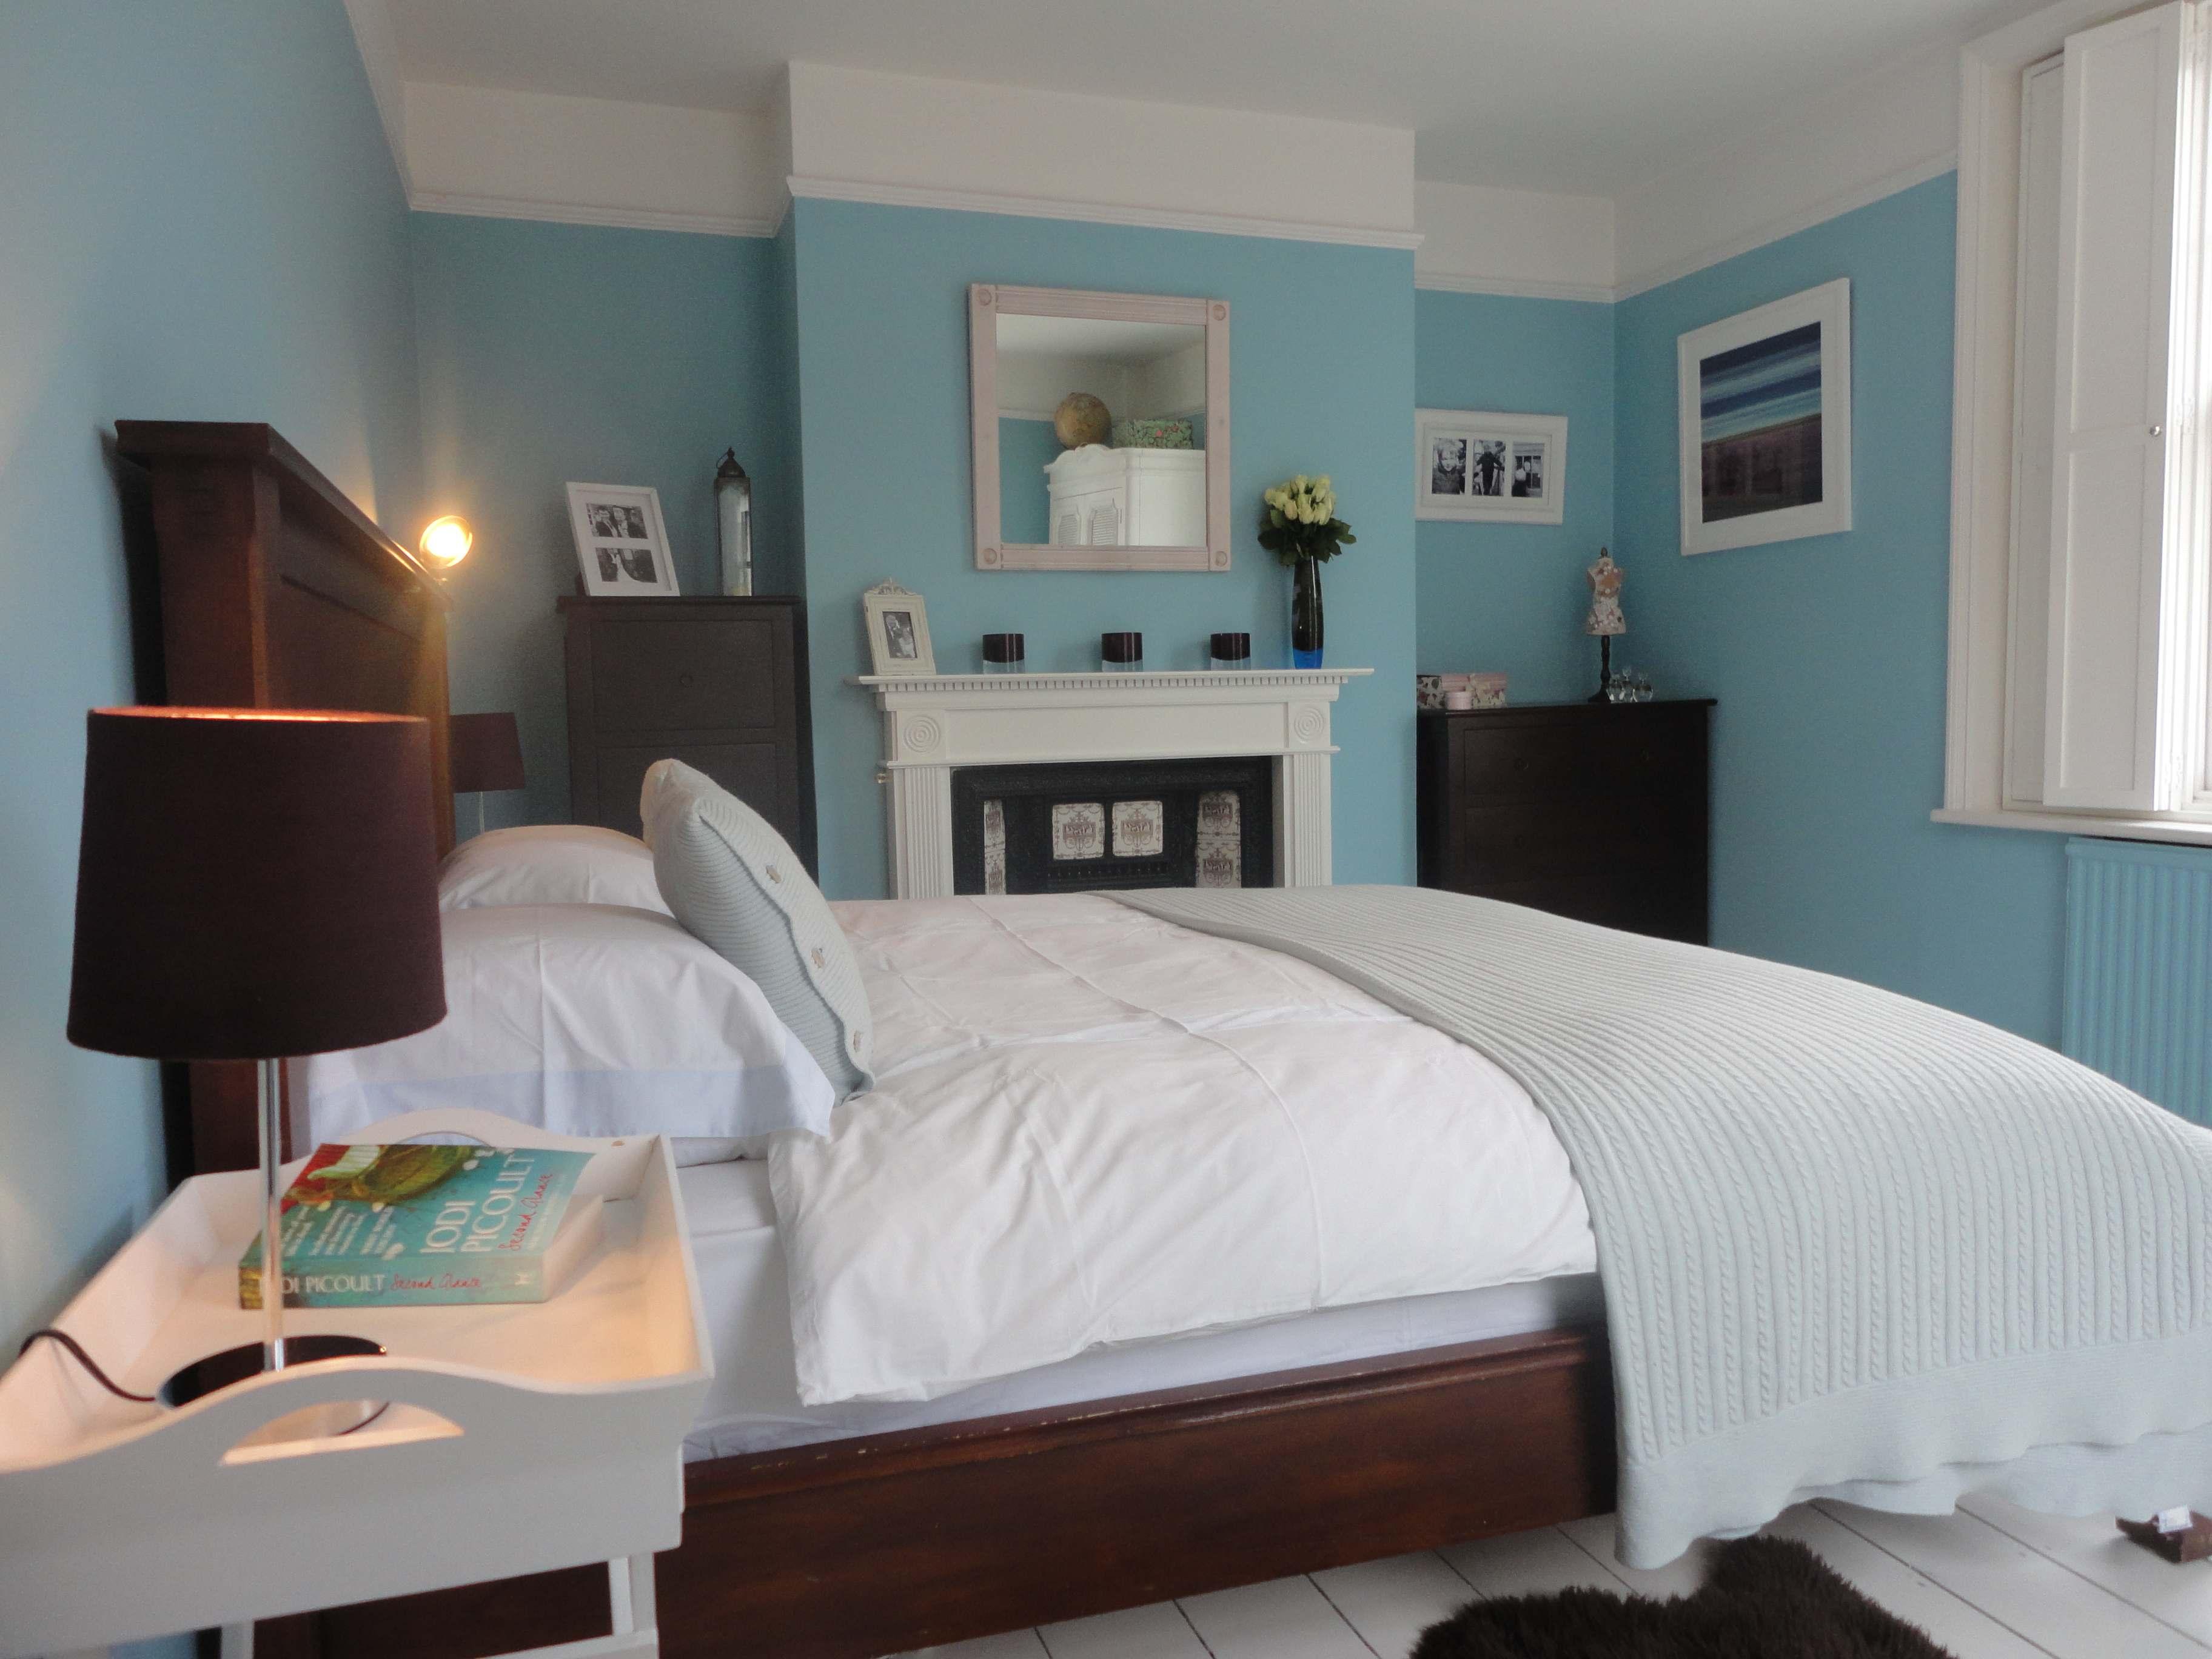 View In Gallery Hiasan Dalaman Bilik Tidur Menggunakan Powdery Blue Sebagai Warna Tema